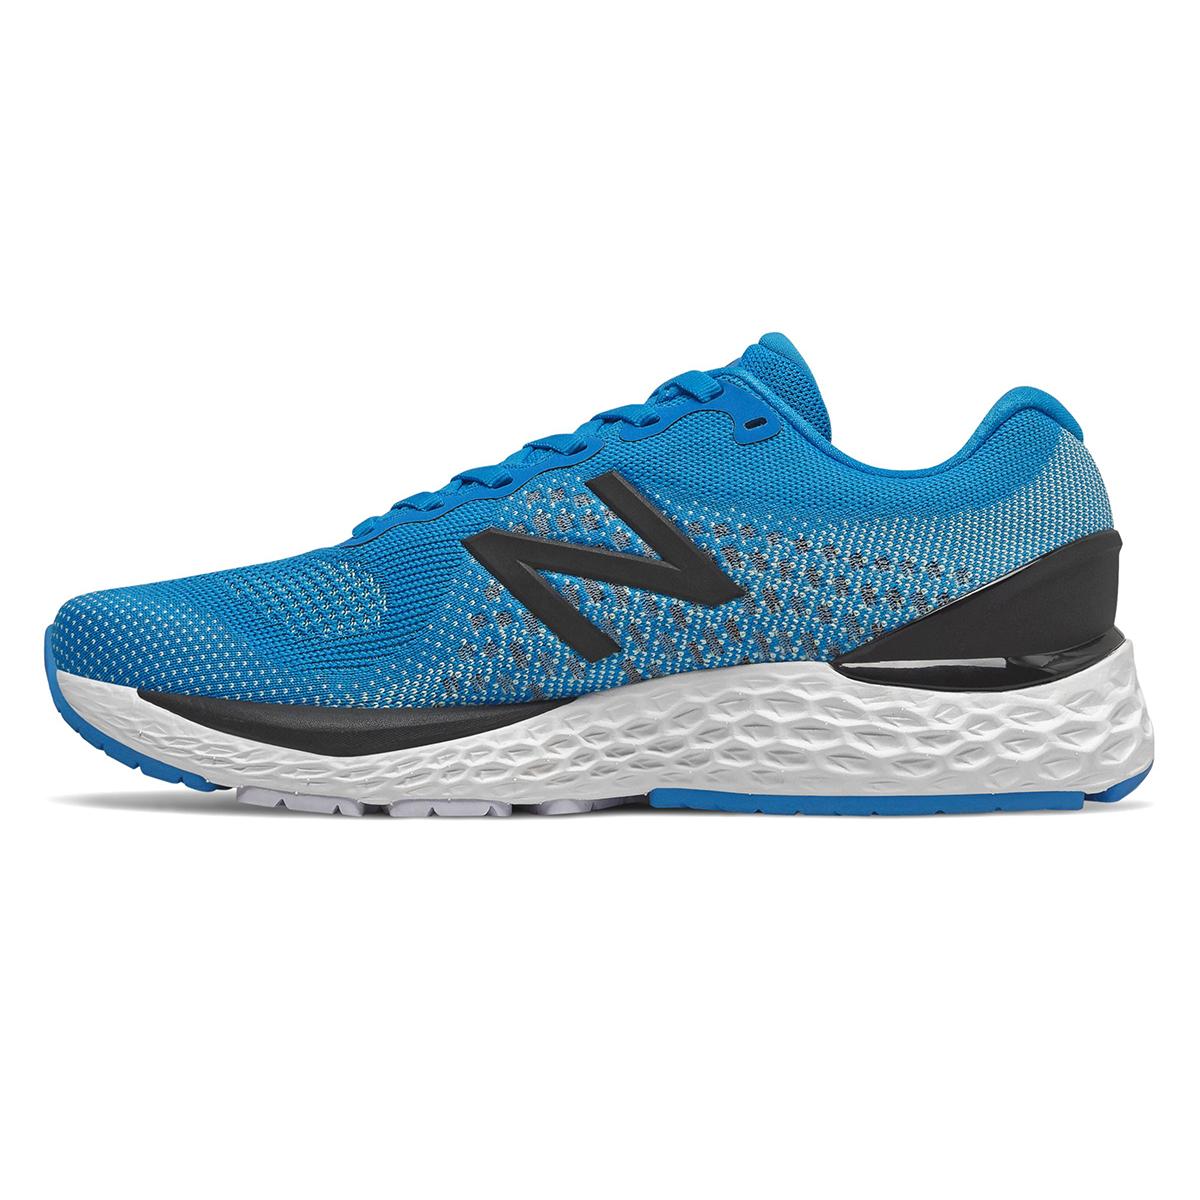 Men's New Balance 880V10 Running Shoe - Color: Vision Blue / Neo Mint (Regular Width) - Size: 8, Vision Blue/Neo Mint, large, image 2